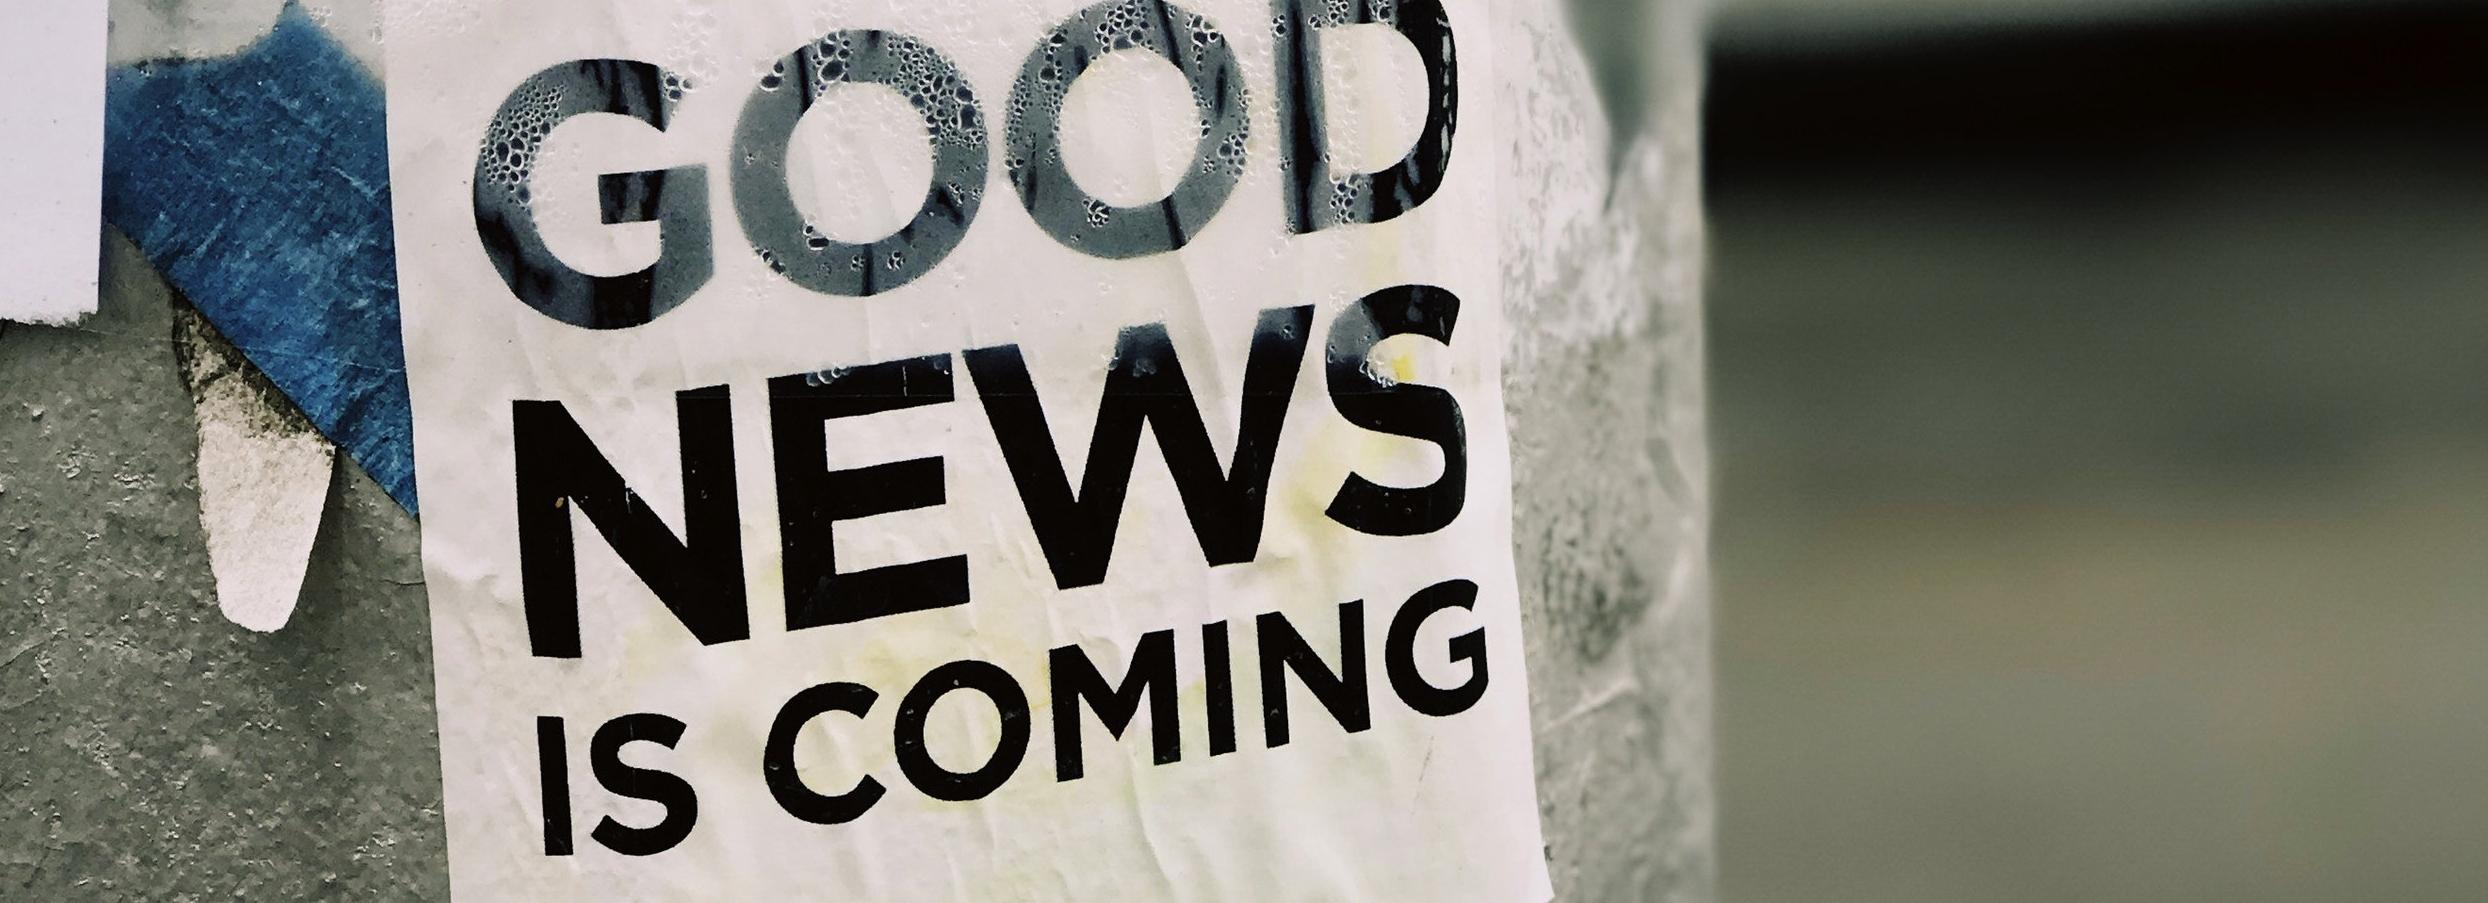 ¿Esta usted listo para recibir noticias buenas? -